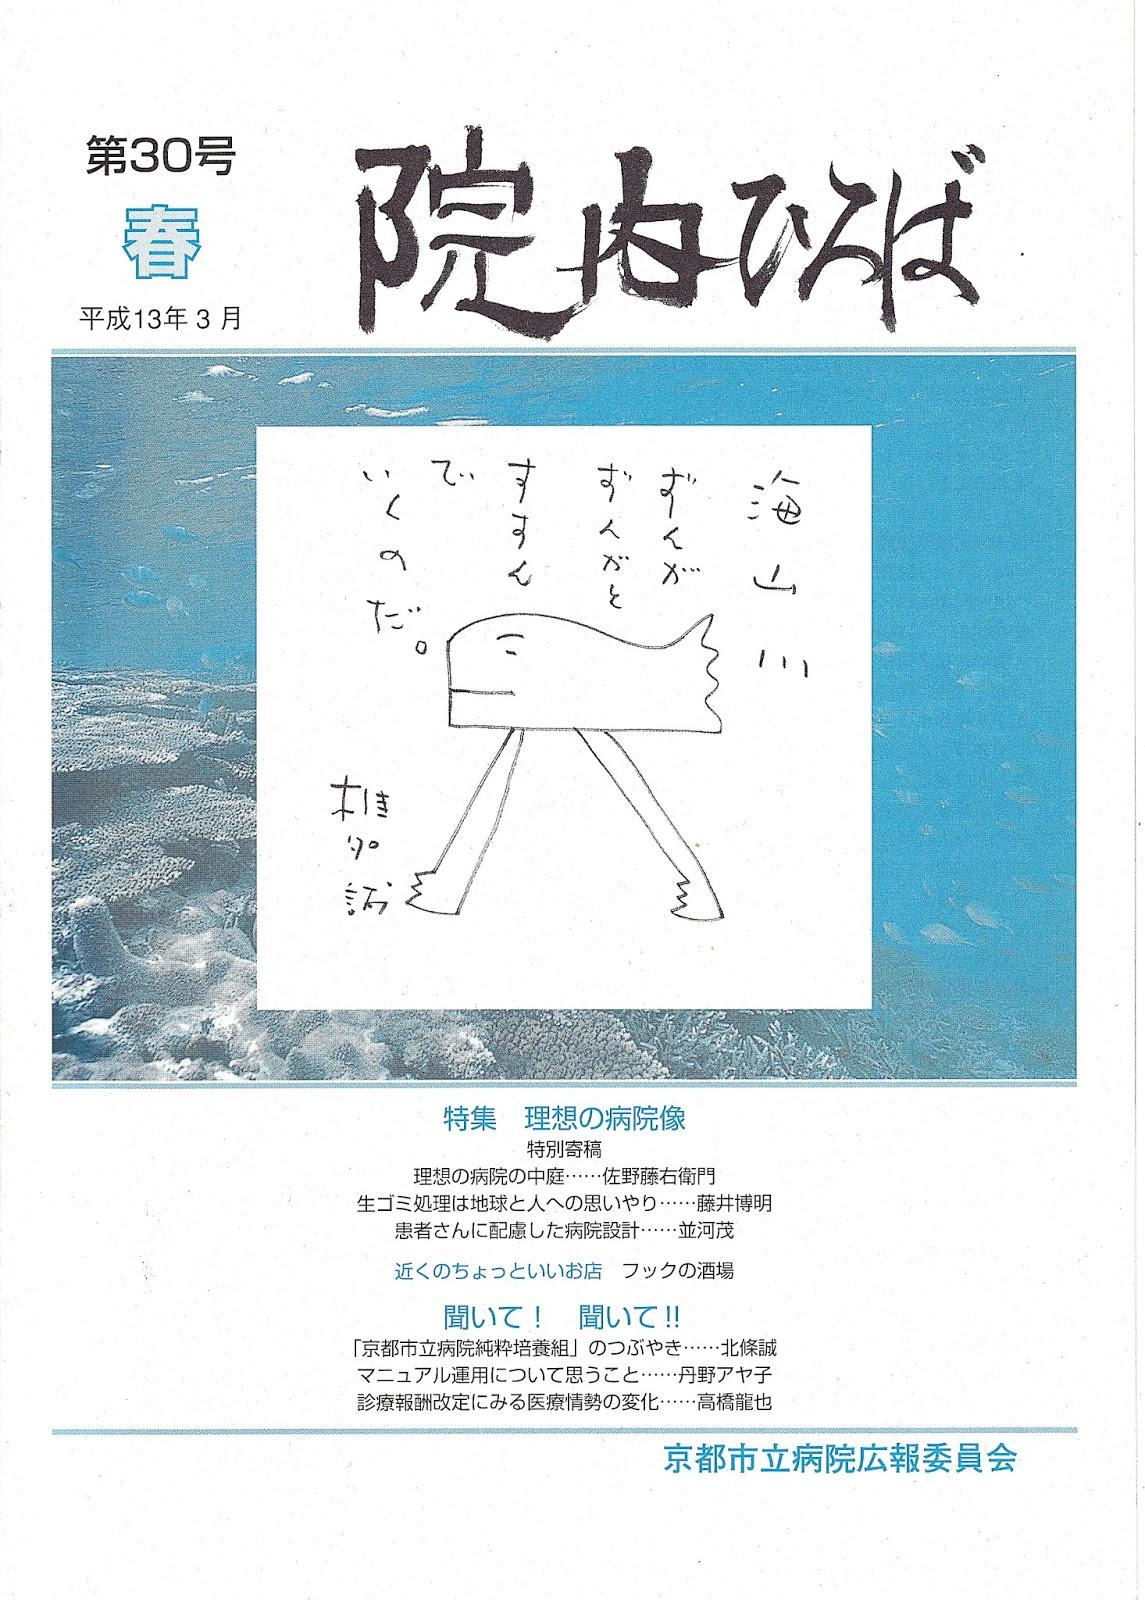 京都市立病院 麻酔科ブログ